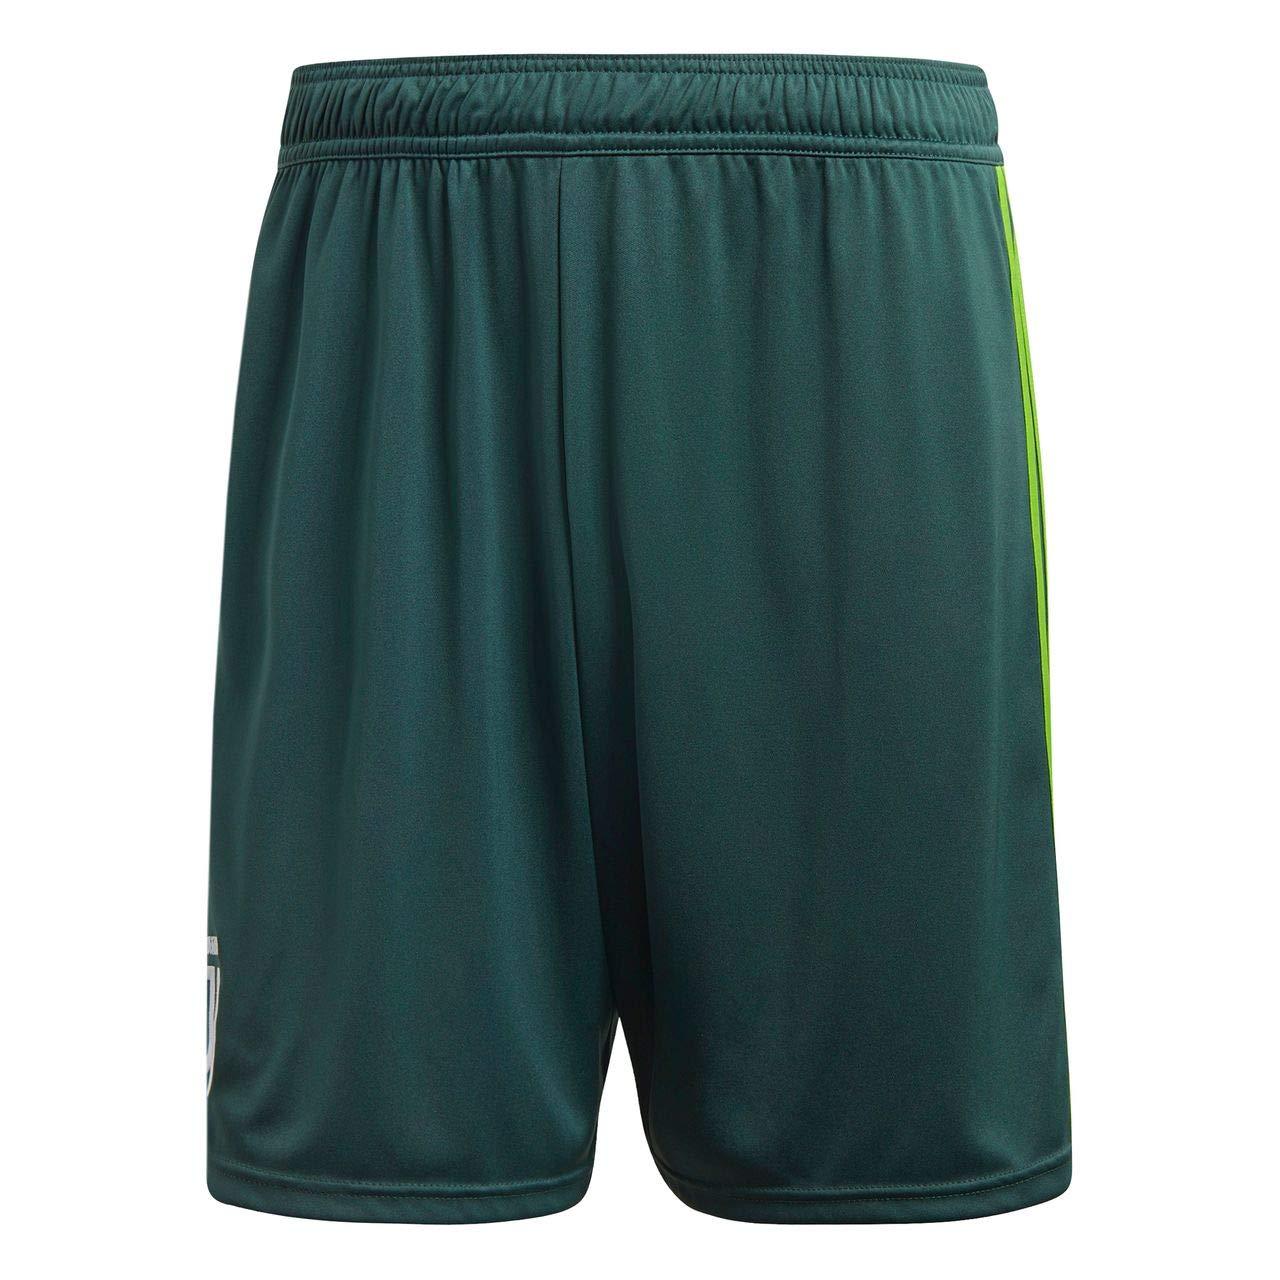 Adidas Herren Juve Gk Gk Gk SHO Kurze Sporthose B07D5JDLRQ Shorts Zuverlässiger Ruf c8300d